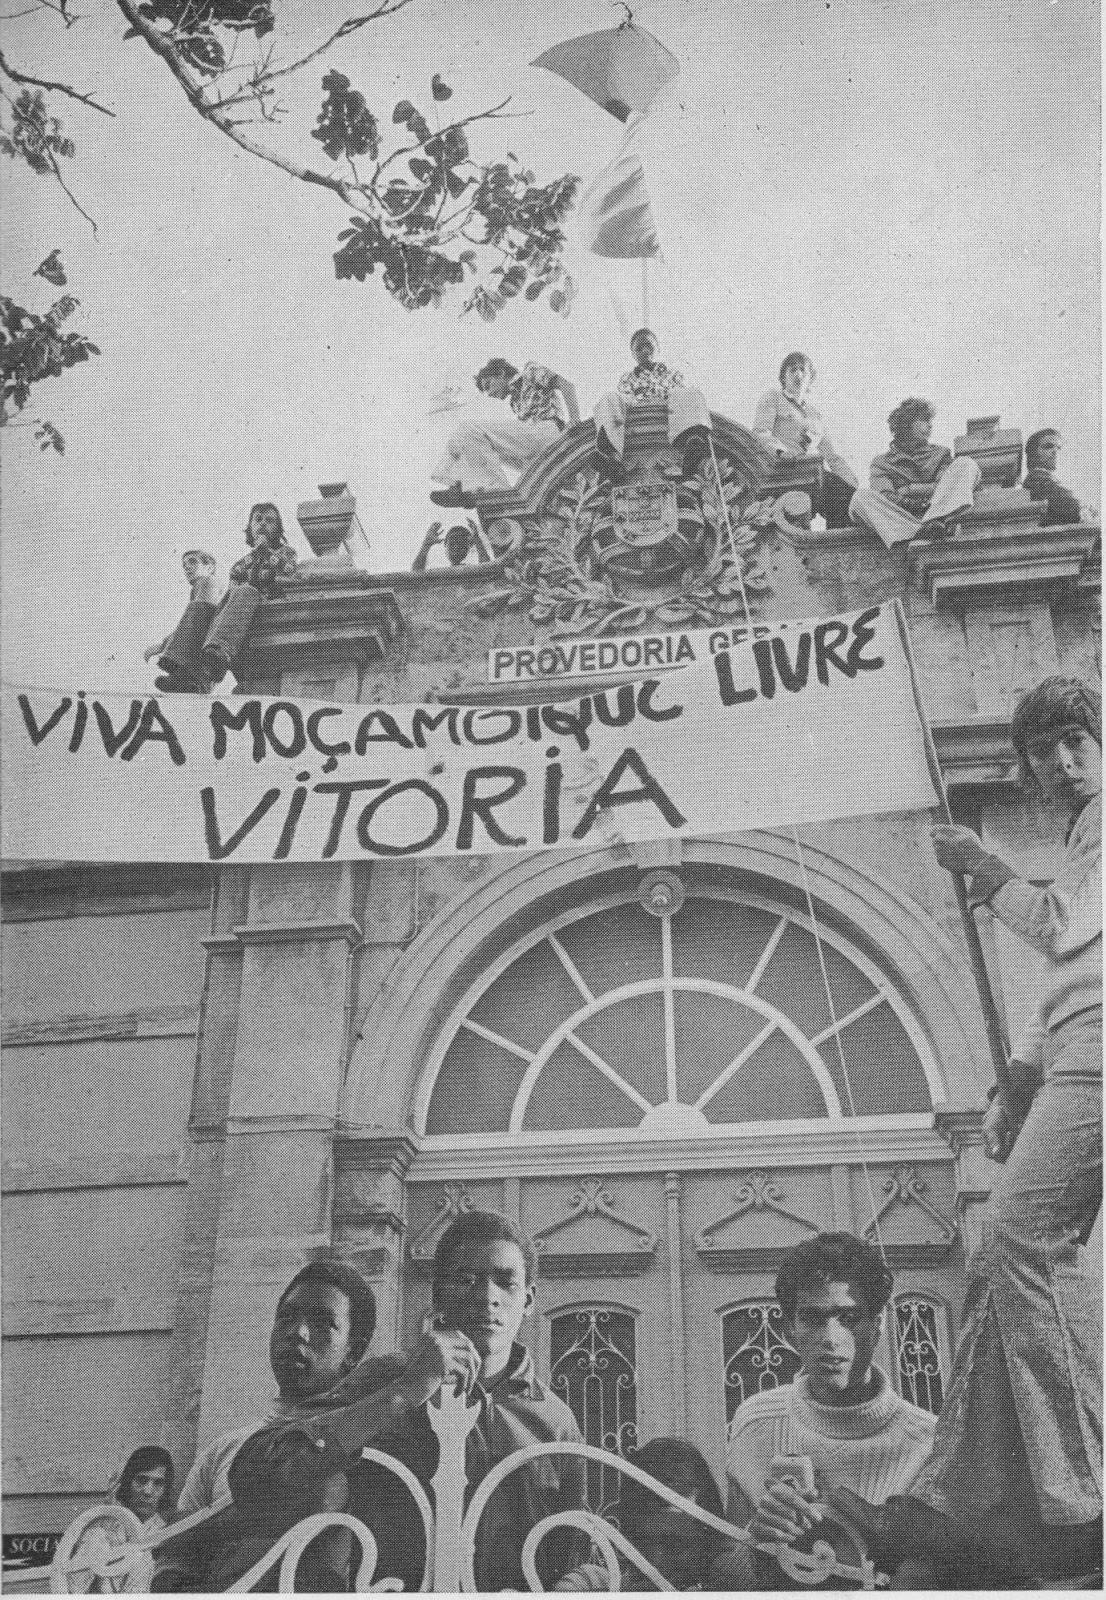 7 de Setembro: O Dia que o Estado Português Traiu os Seus Cidadãos Africanos